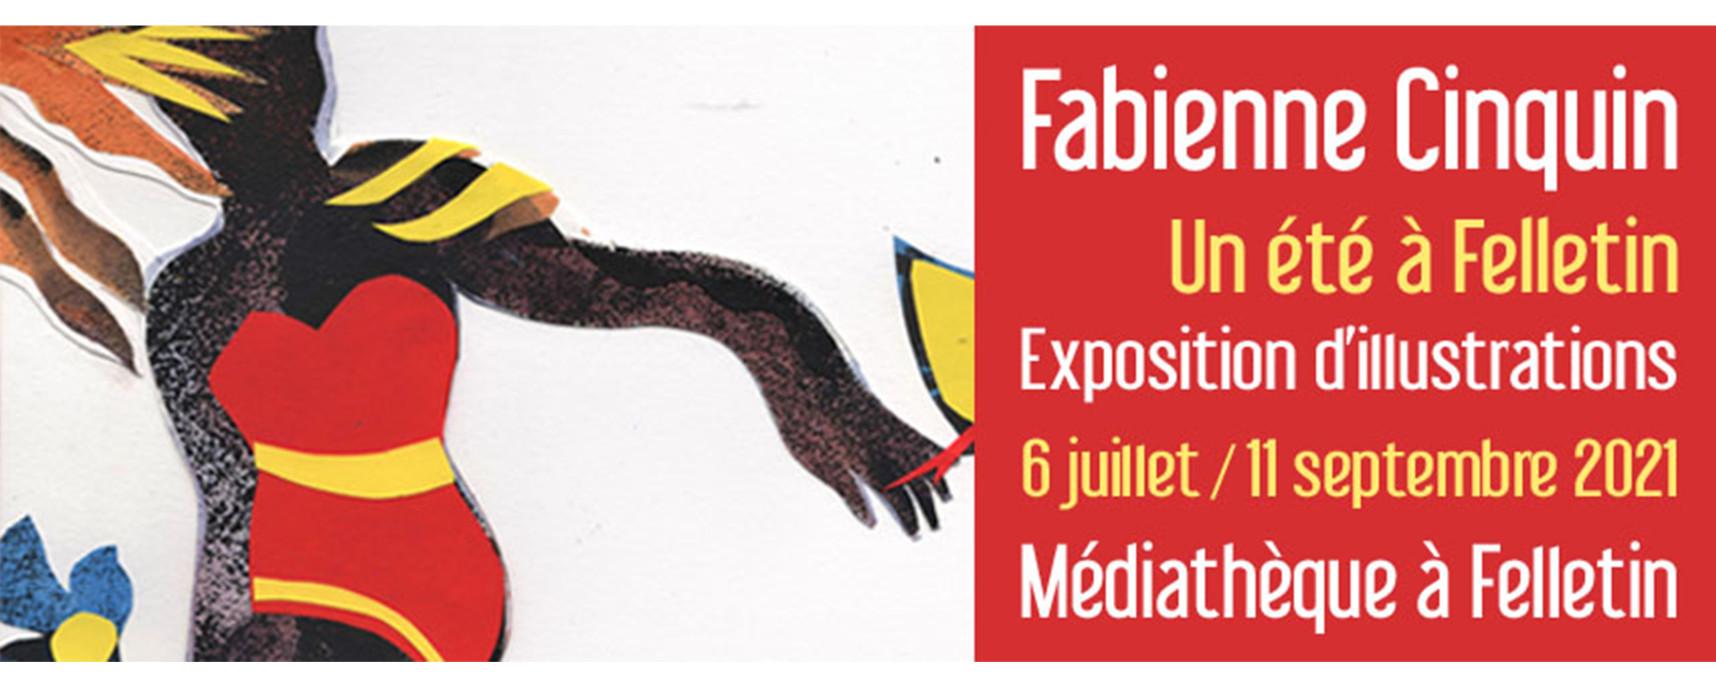 Fabienne Cinquin, Un été à Felletin – Exposition d'illustrations du 6 juillet au 11 septembre 2021 à la médiathèque à Felletin